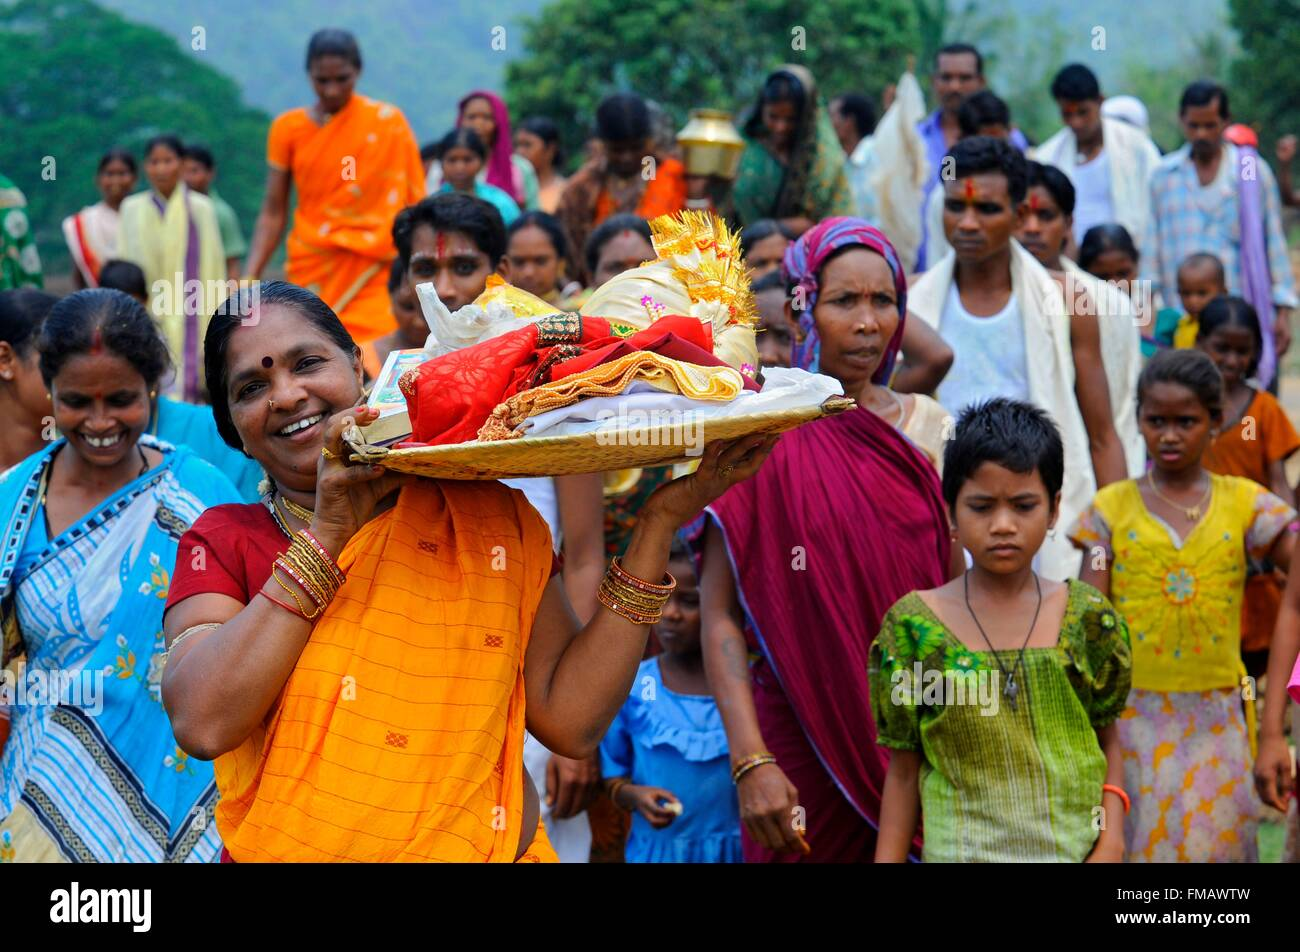 India, Odisha, una donna di caricamento di un vassoio durante la cerimonia di nozze Immagini Stock